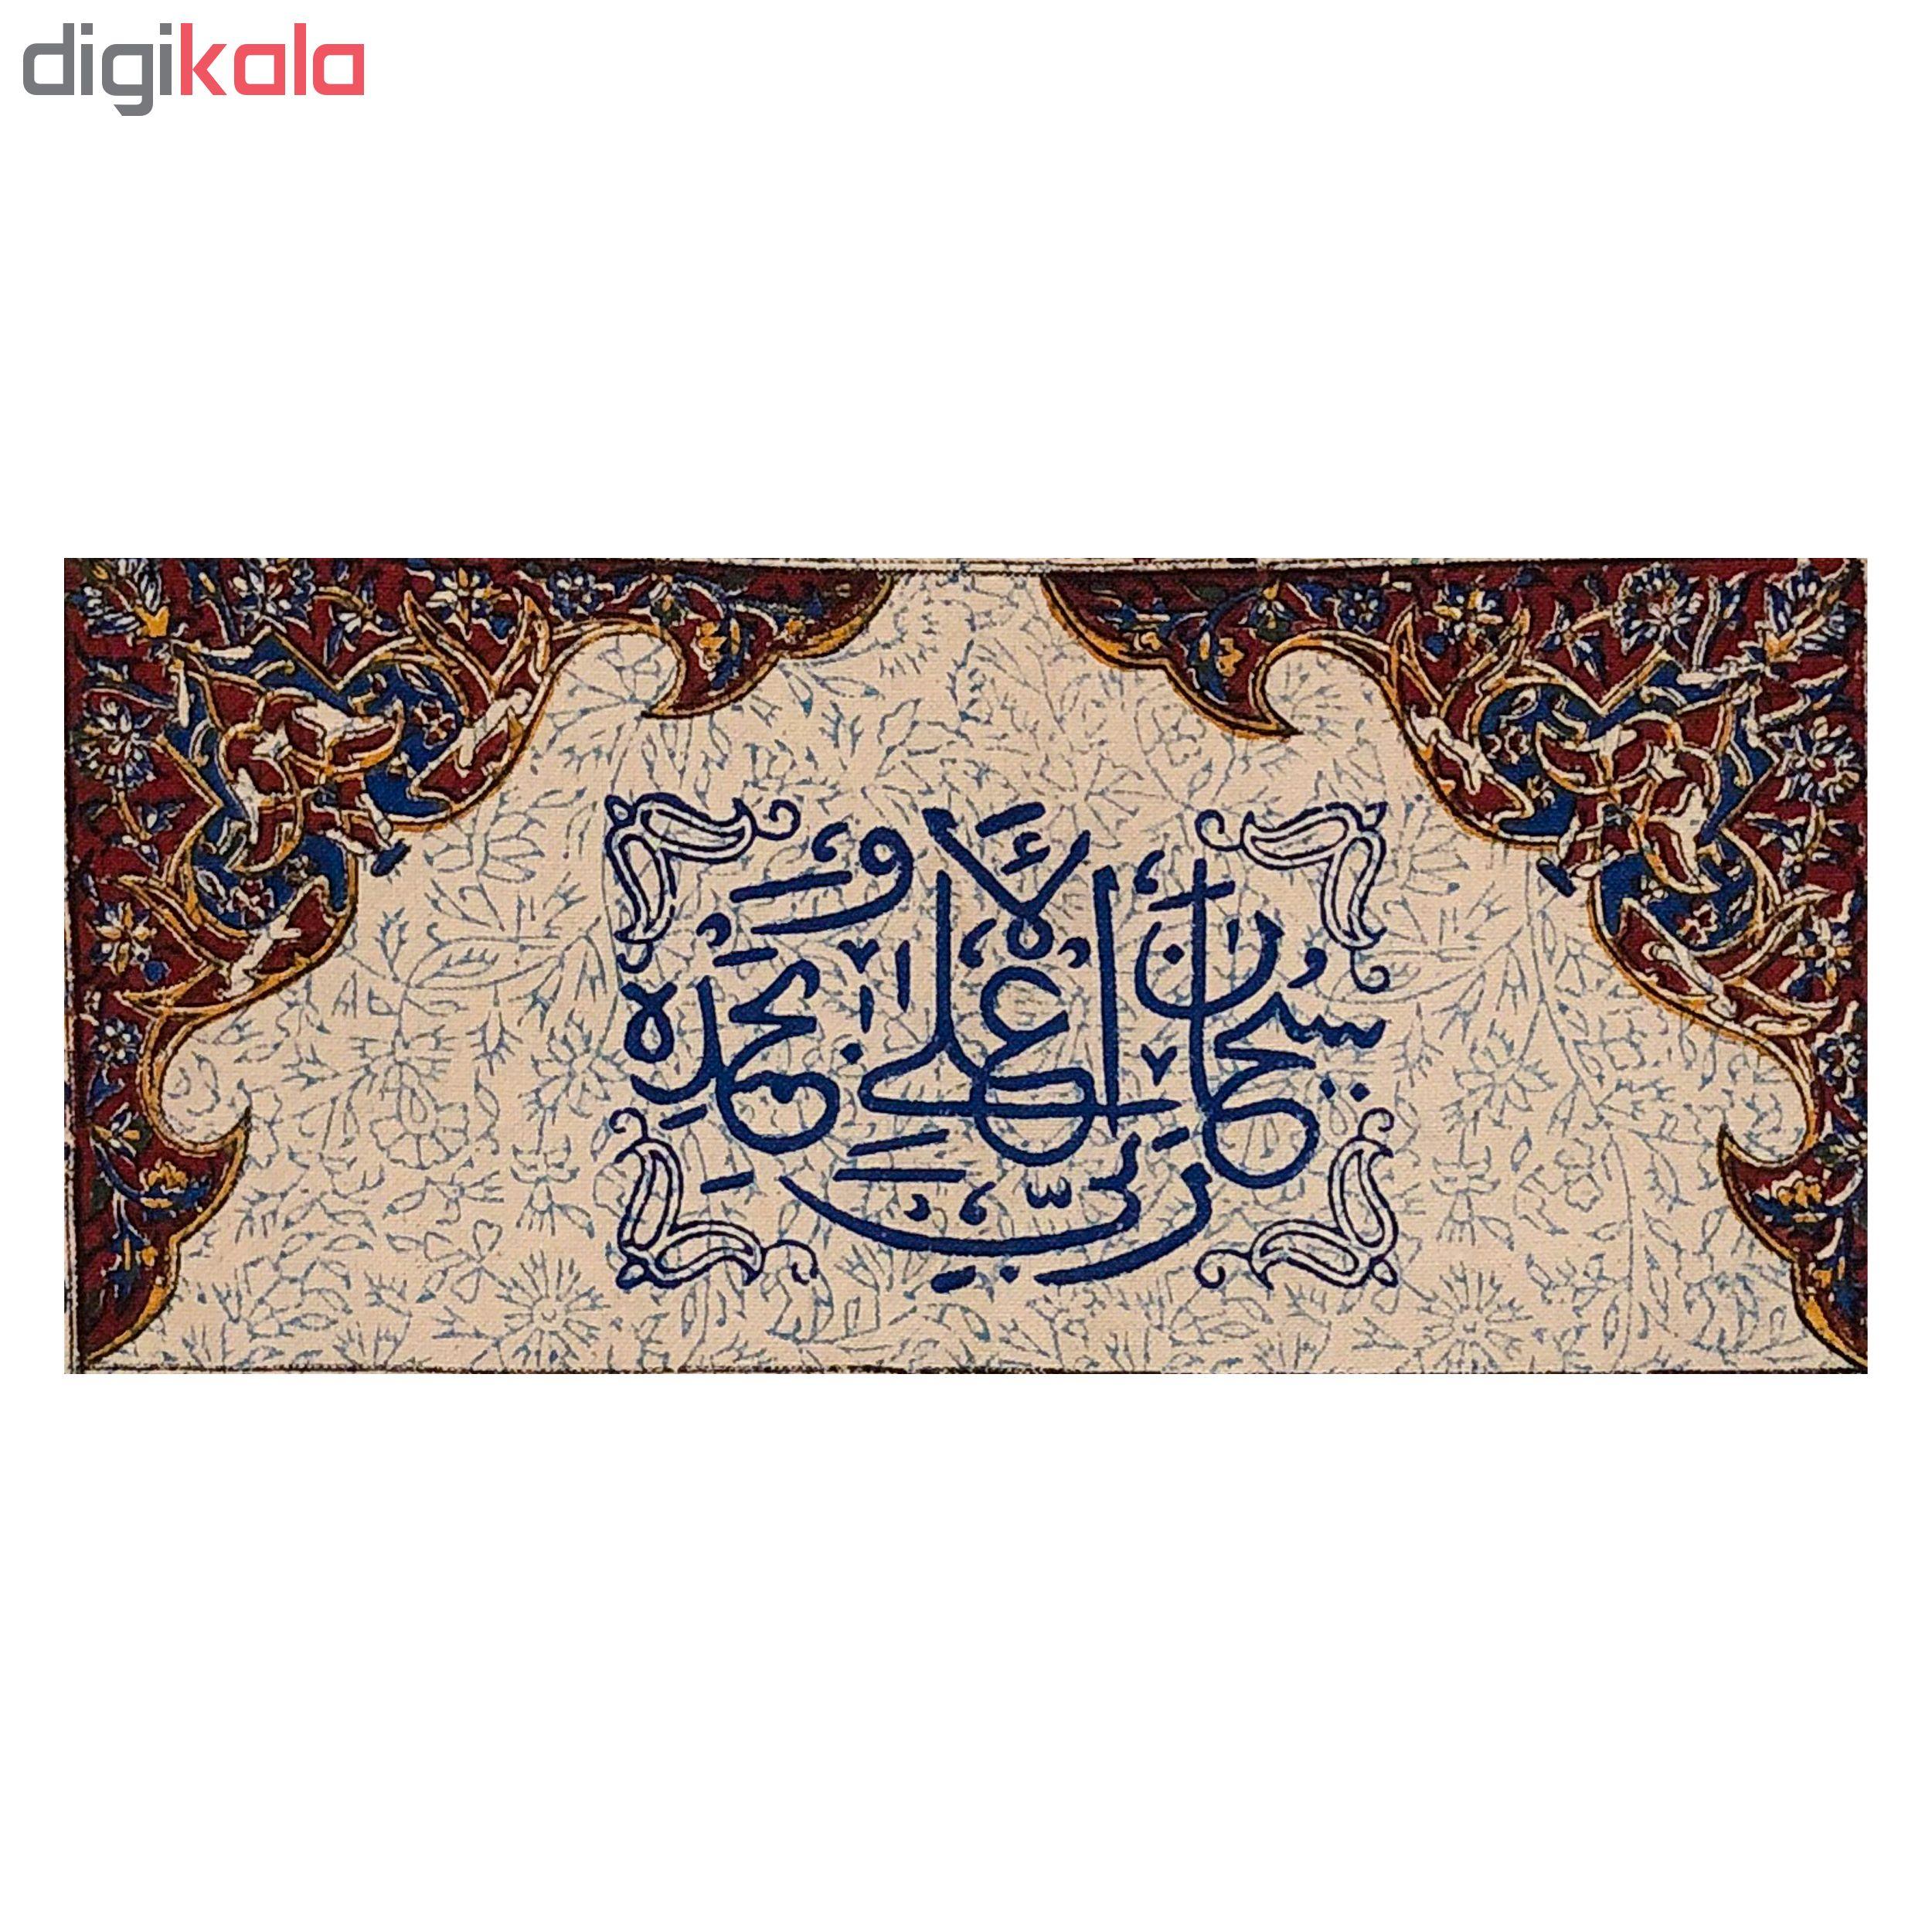 سجاده قلمکار ممتاز اصفهان اثر عطريان طرح ترنج مدل G76 سایز 60*120 سانتی متر